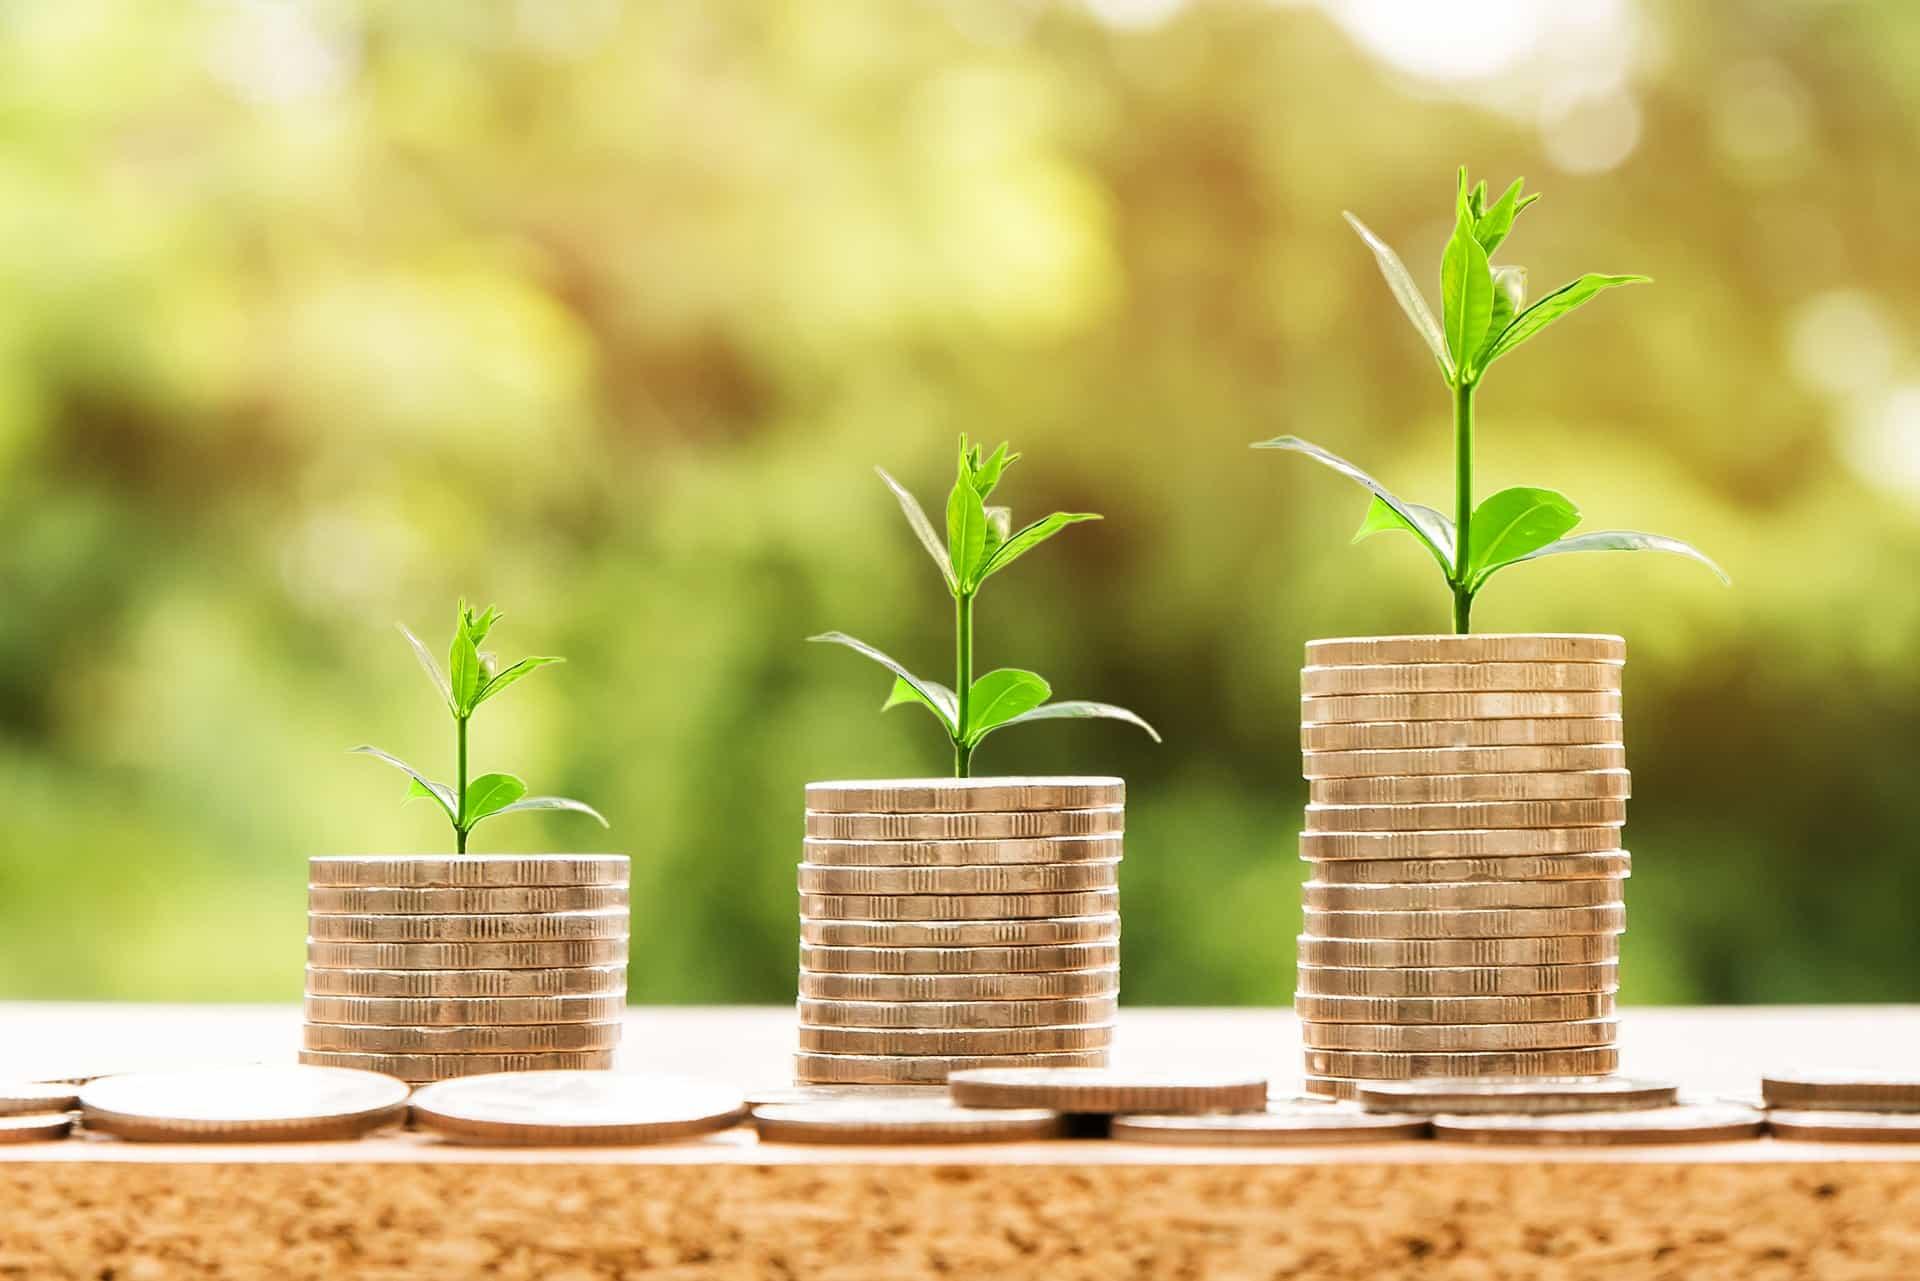 Инвестирование может помочь вам приумножить ваши деньги